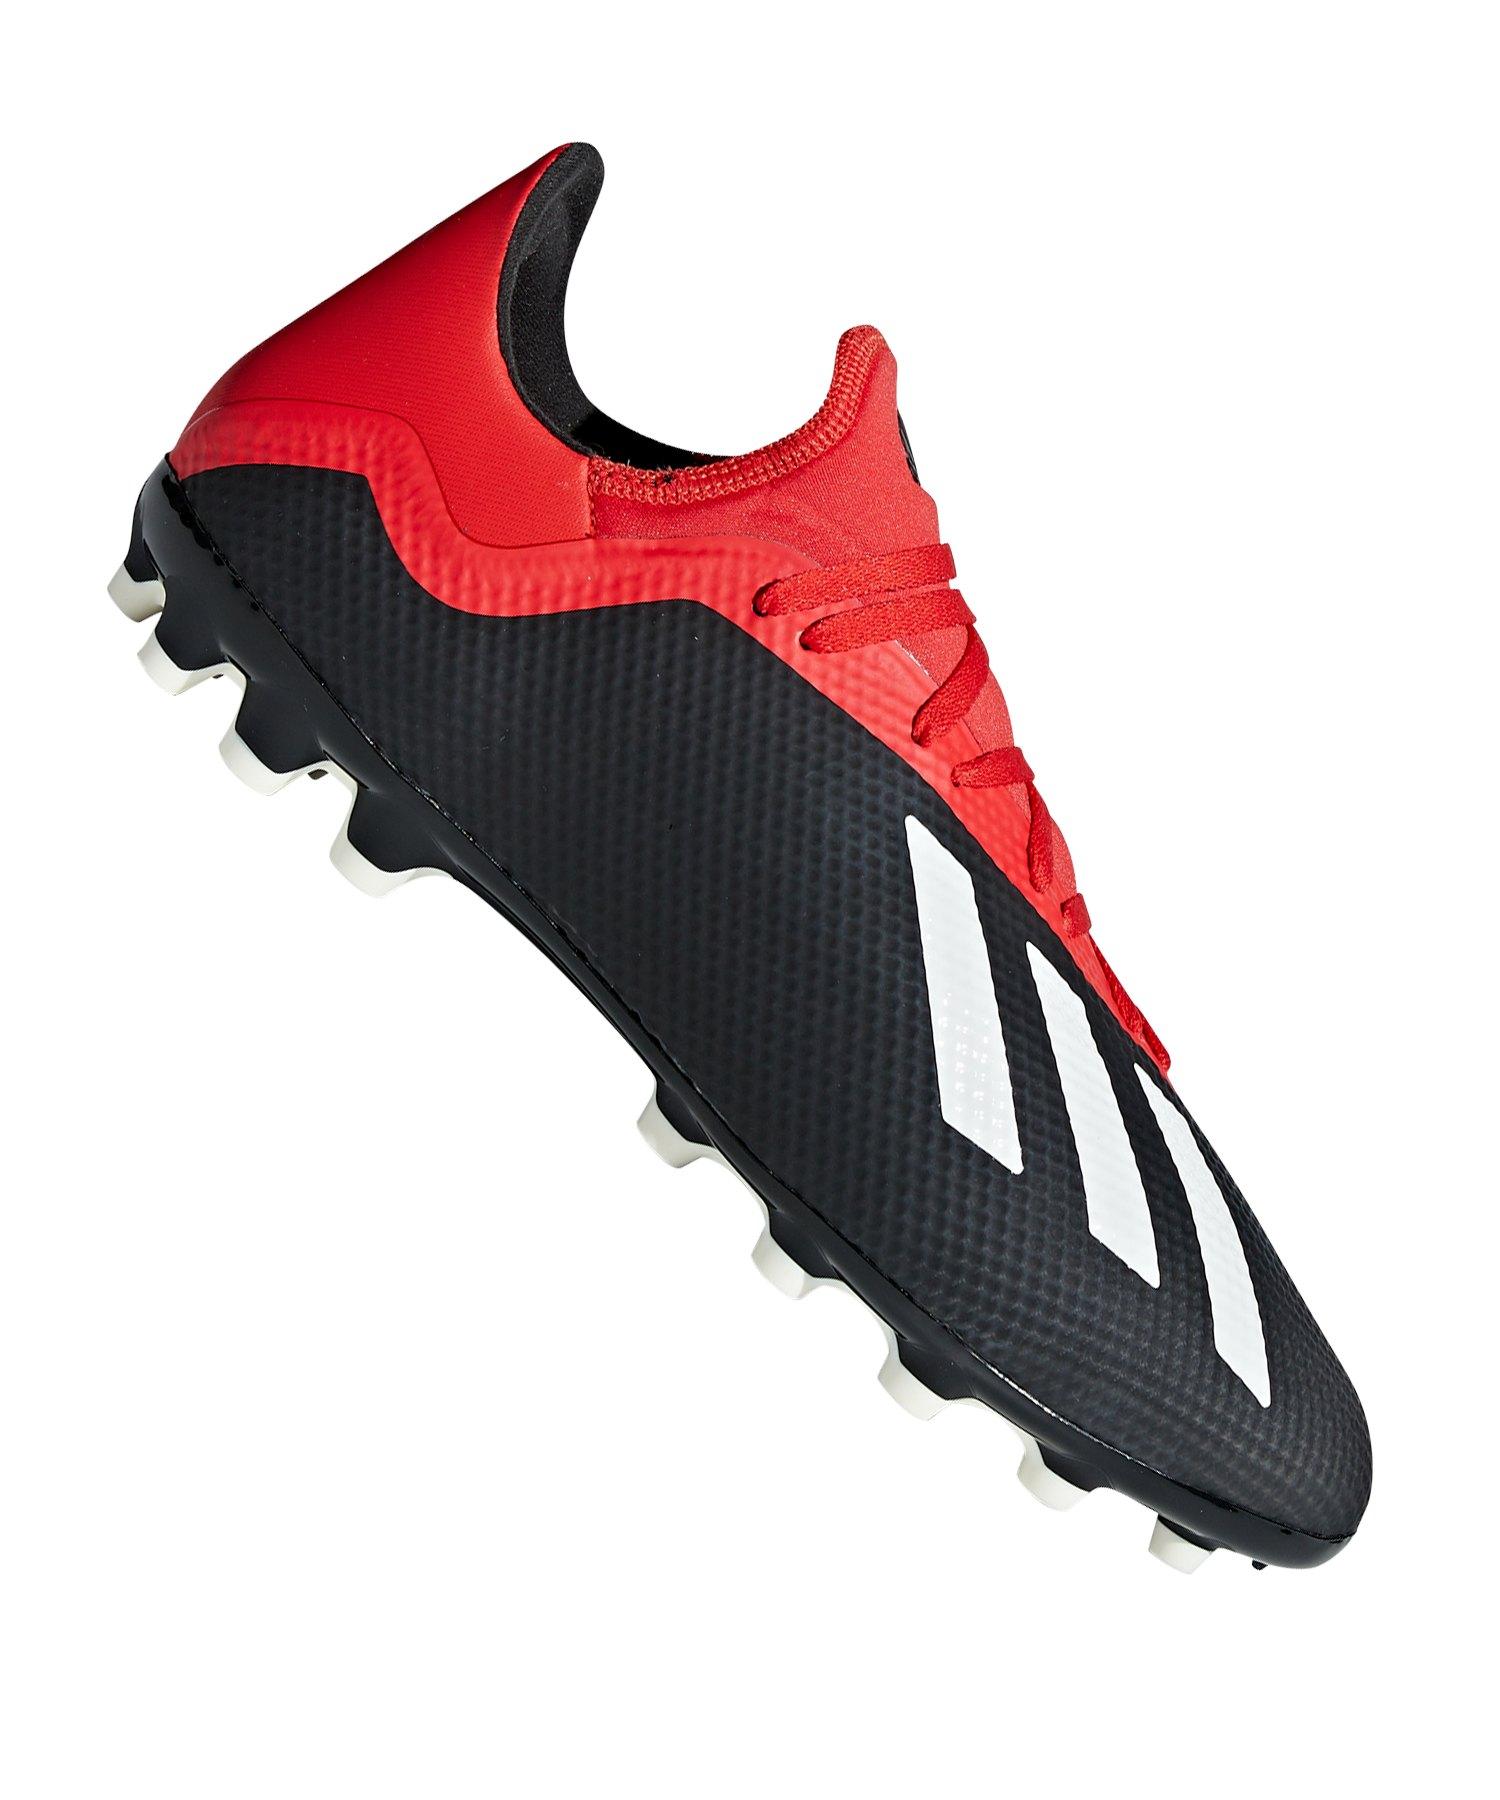 adidas X 18.3 AG Schwarz Rot - schwarz